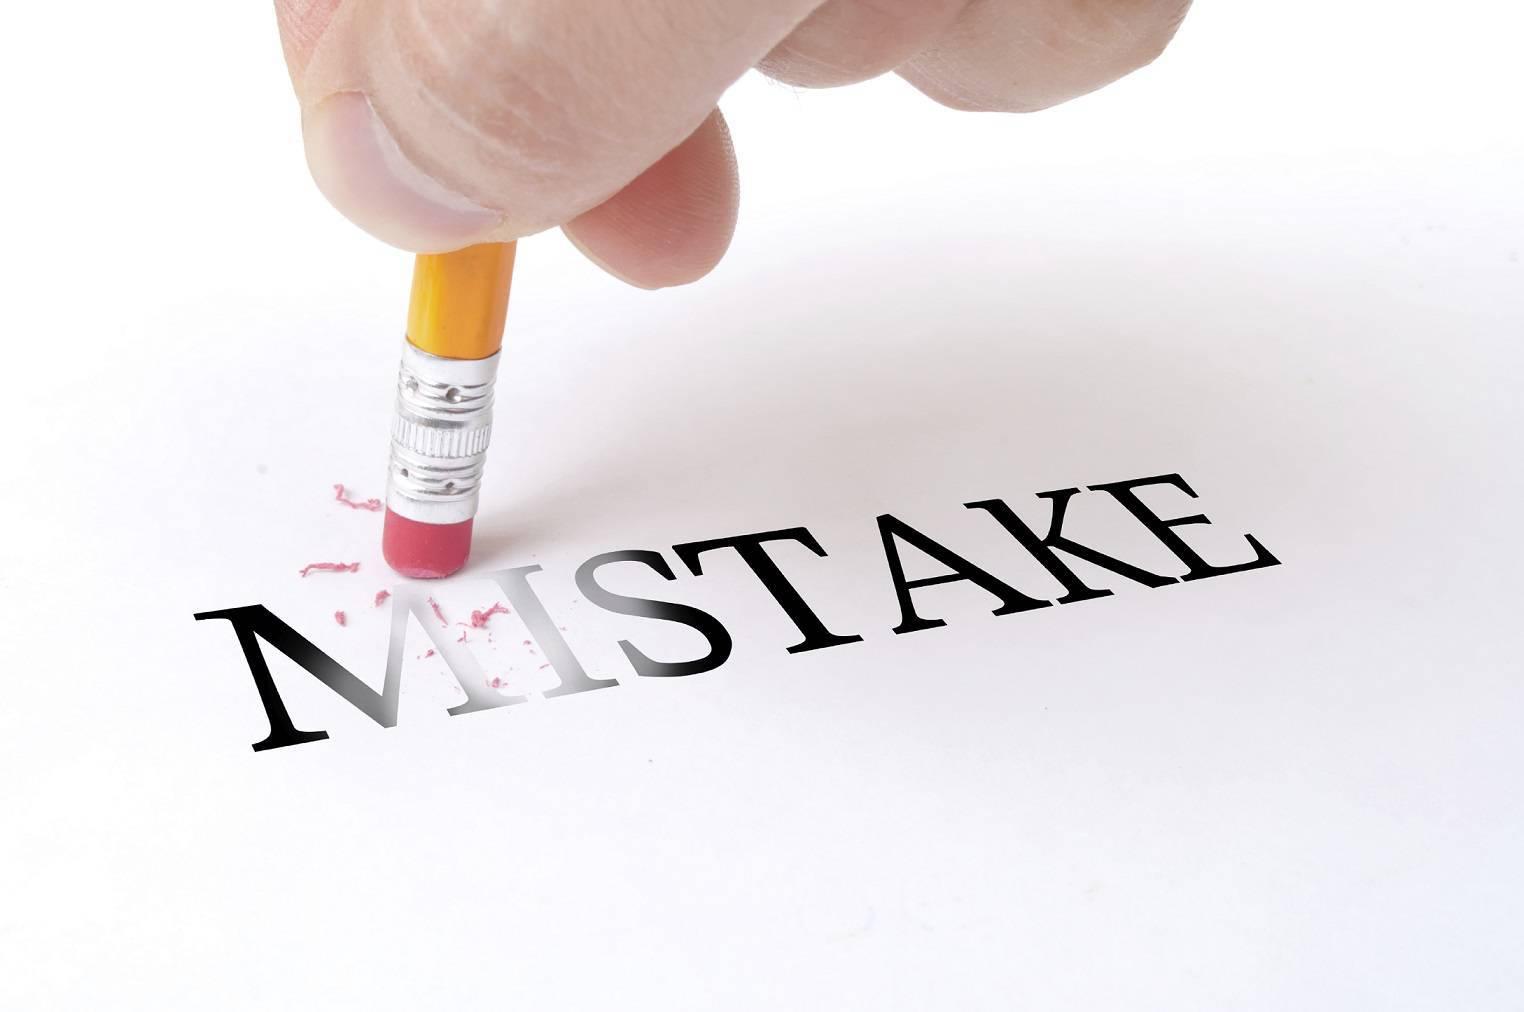 اشتباهات رایج منابع انسانی در ارزیابی عملکرد